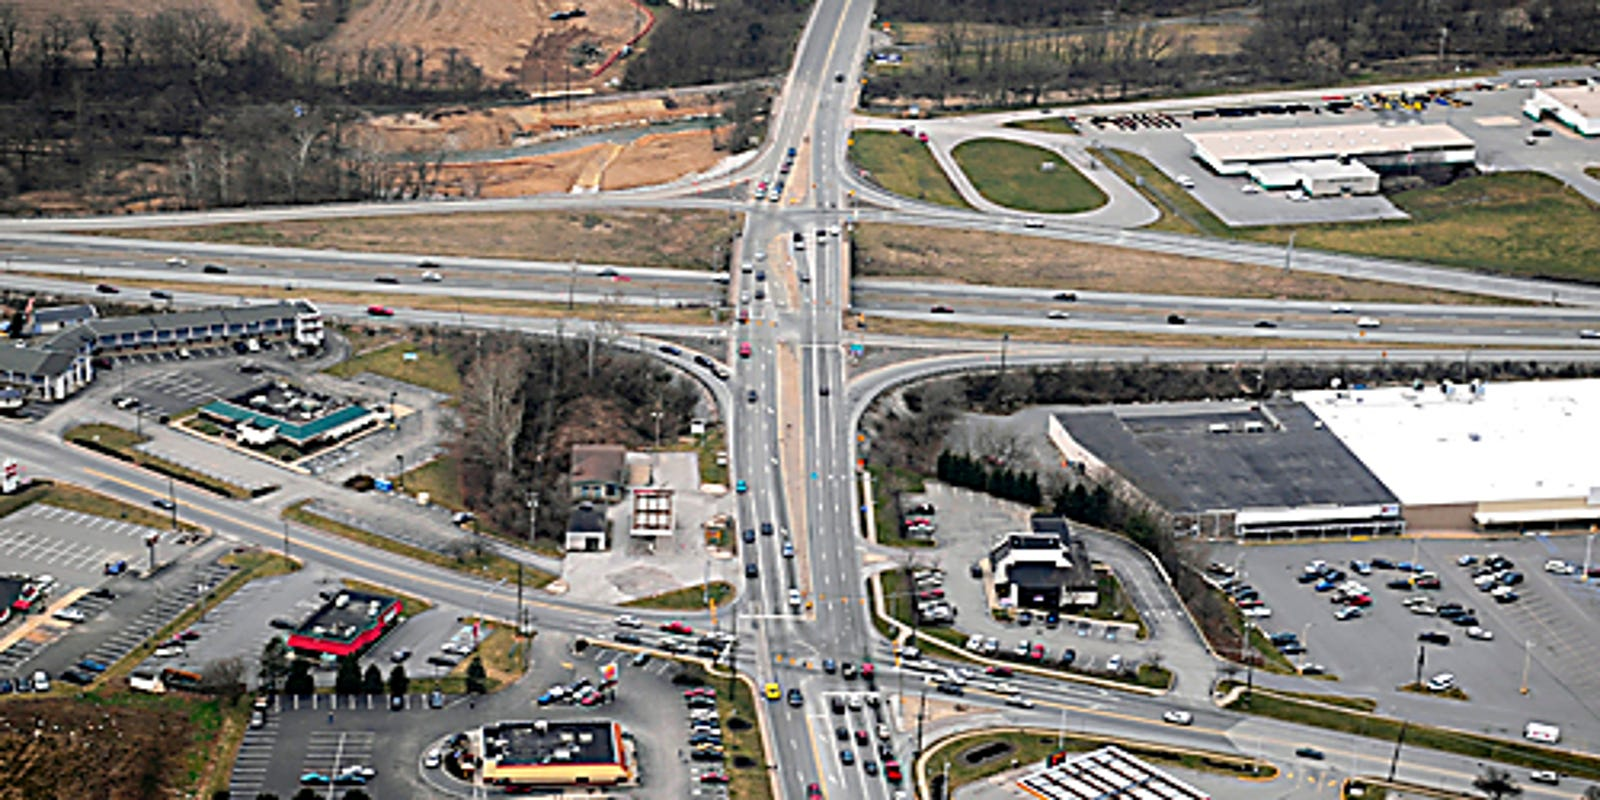 I-83 improvements causing change at Mount Rose interchange